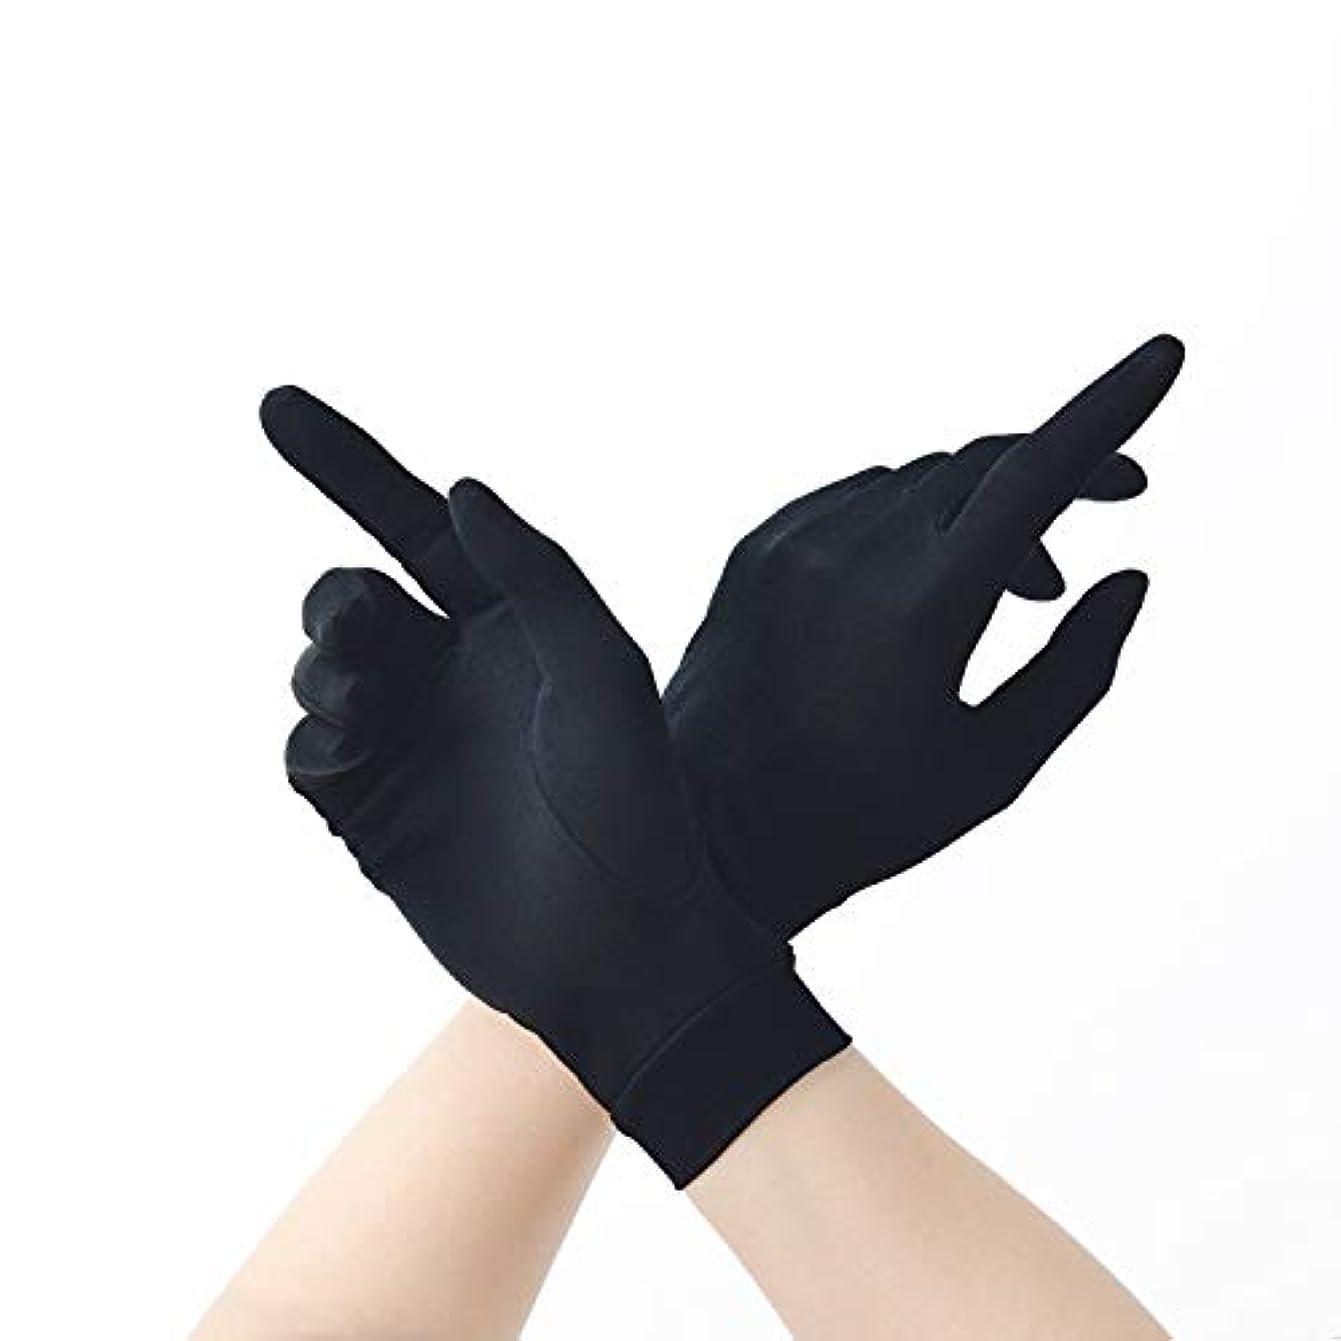 成長恩恵ゲスト保湿 夏 ハンド 手袋 シルク 紫外線 日焼け防止 手荒い おやすみ 手触りが良い ケア レディース